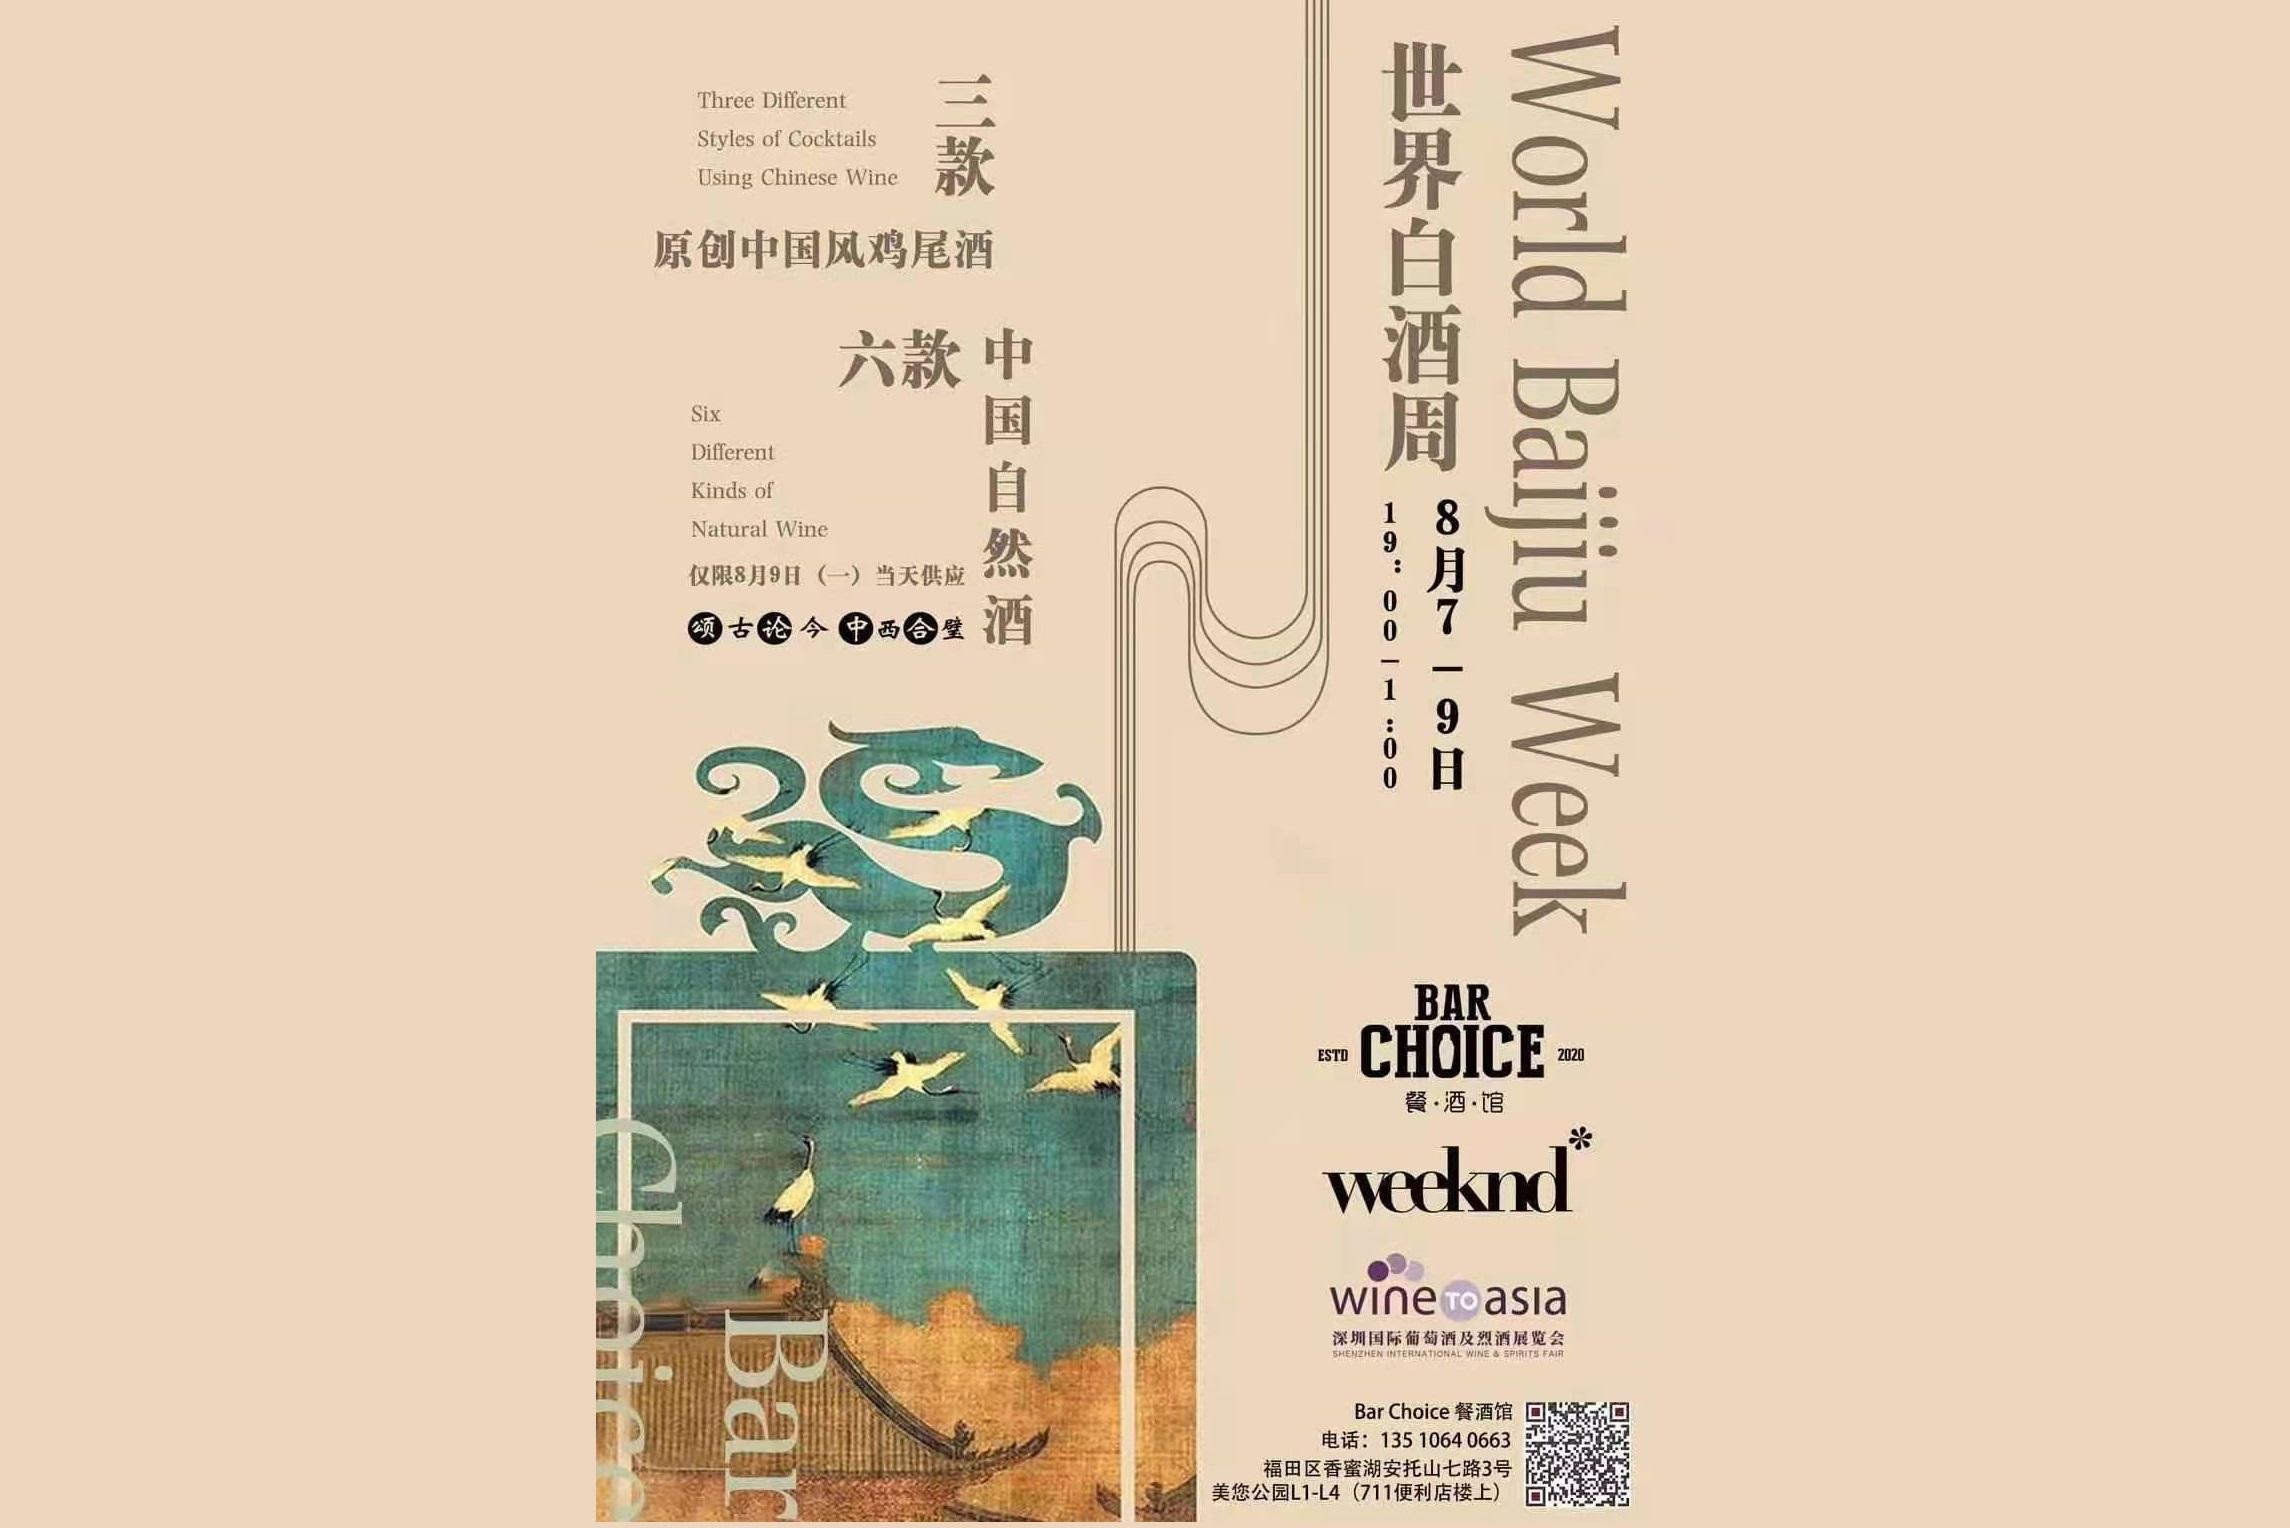 world baijiu day 2021 shenzhen weeknd wine bar choice baijiu cocktail 2